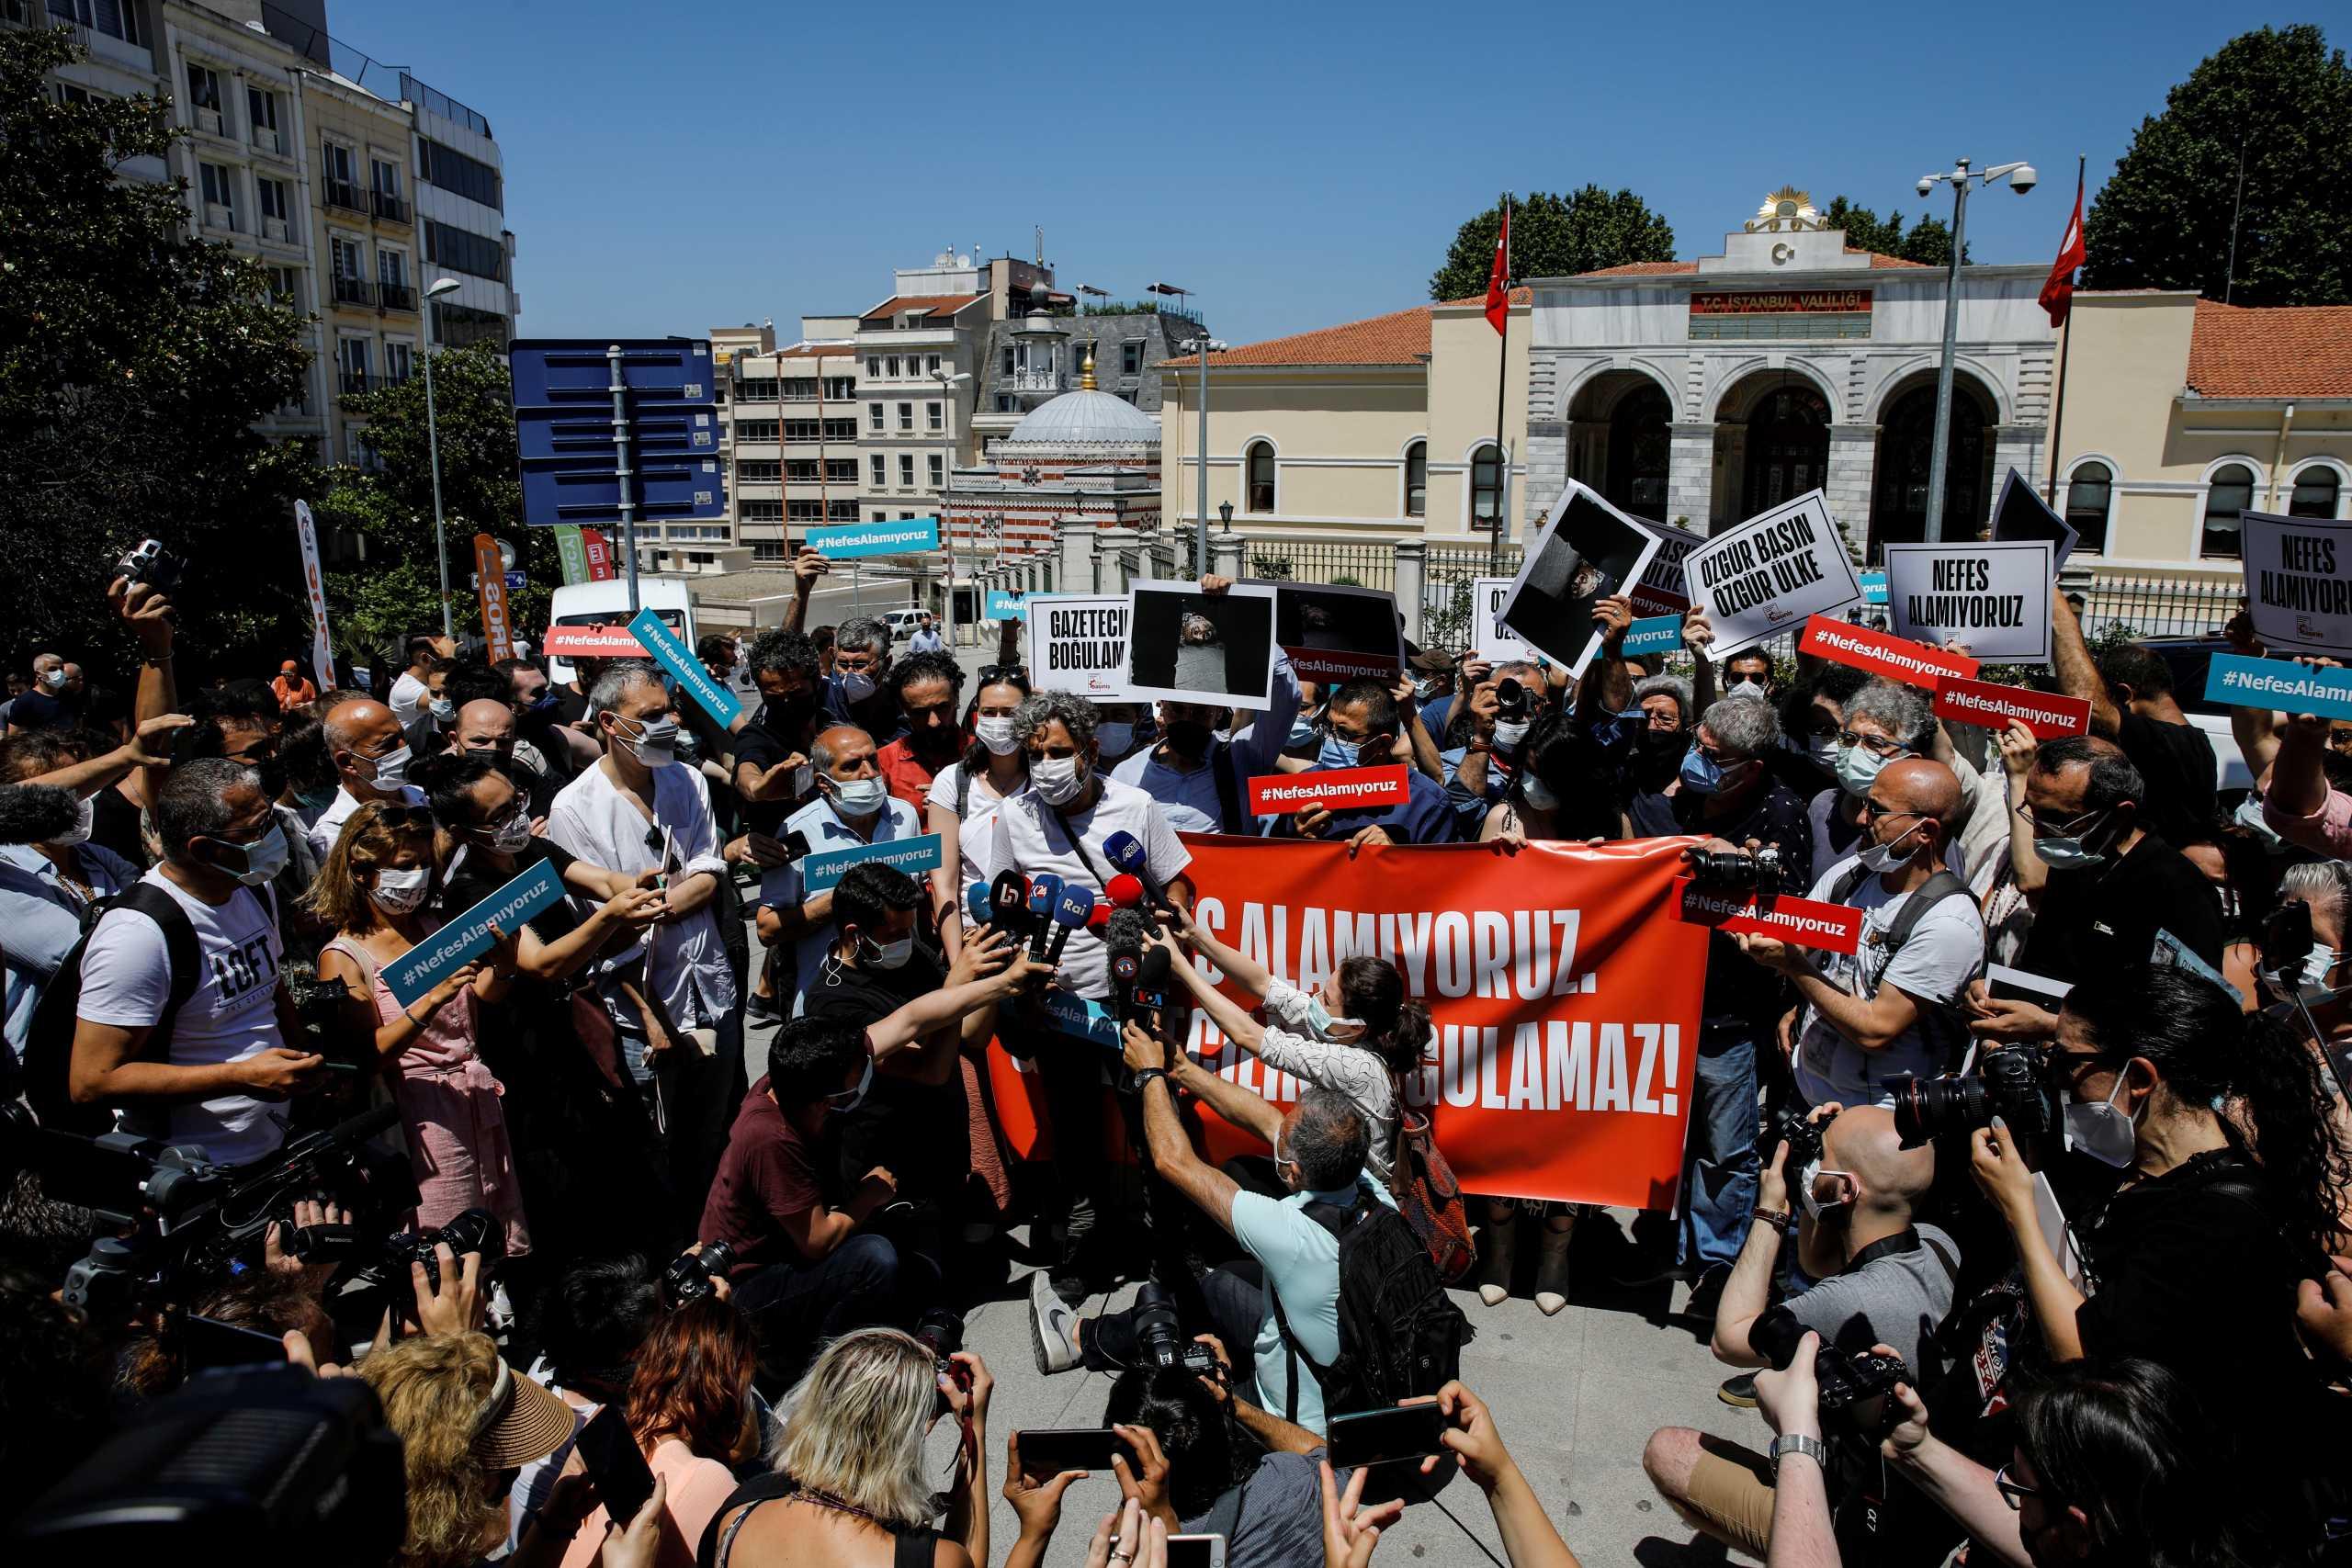 Τουρκία: Οργή για τη βίαιη σύλληψη φωτορεπόρτερ του AFP